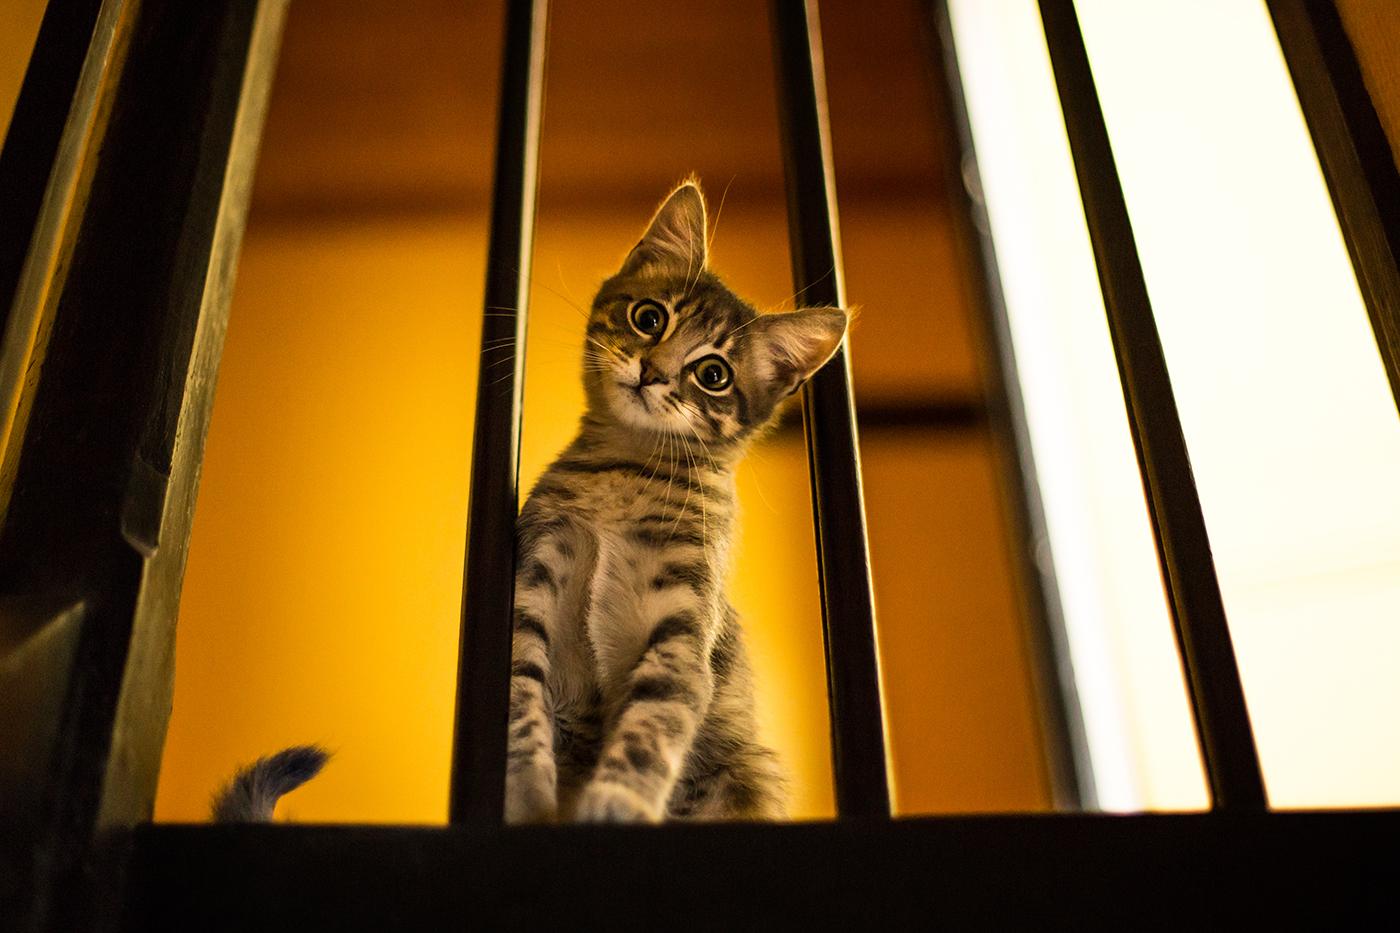 photographe-animalier-chat-poitiers-guillaume-heraud-04